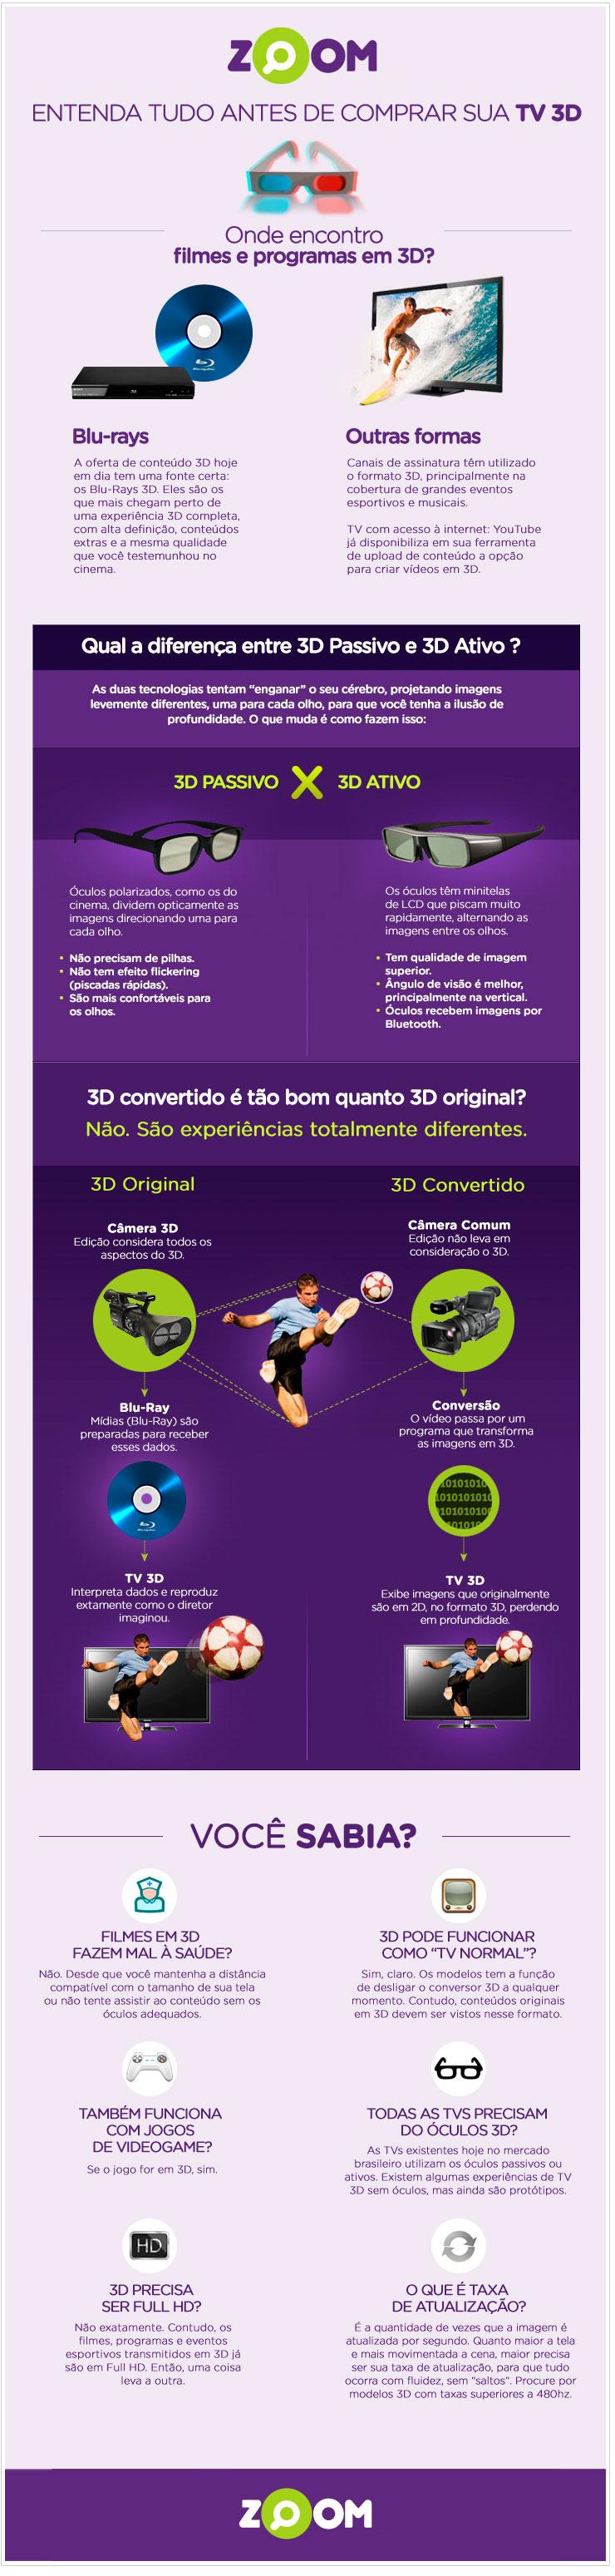 Tecnologia 3D  (Foto: Zoom.com.br)